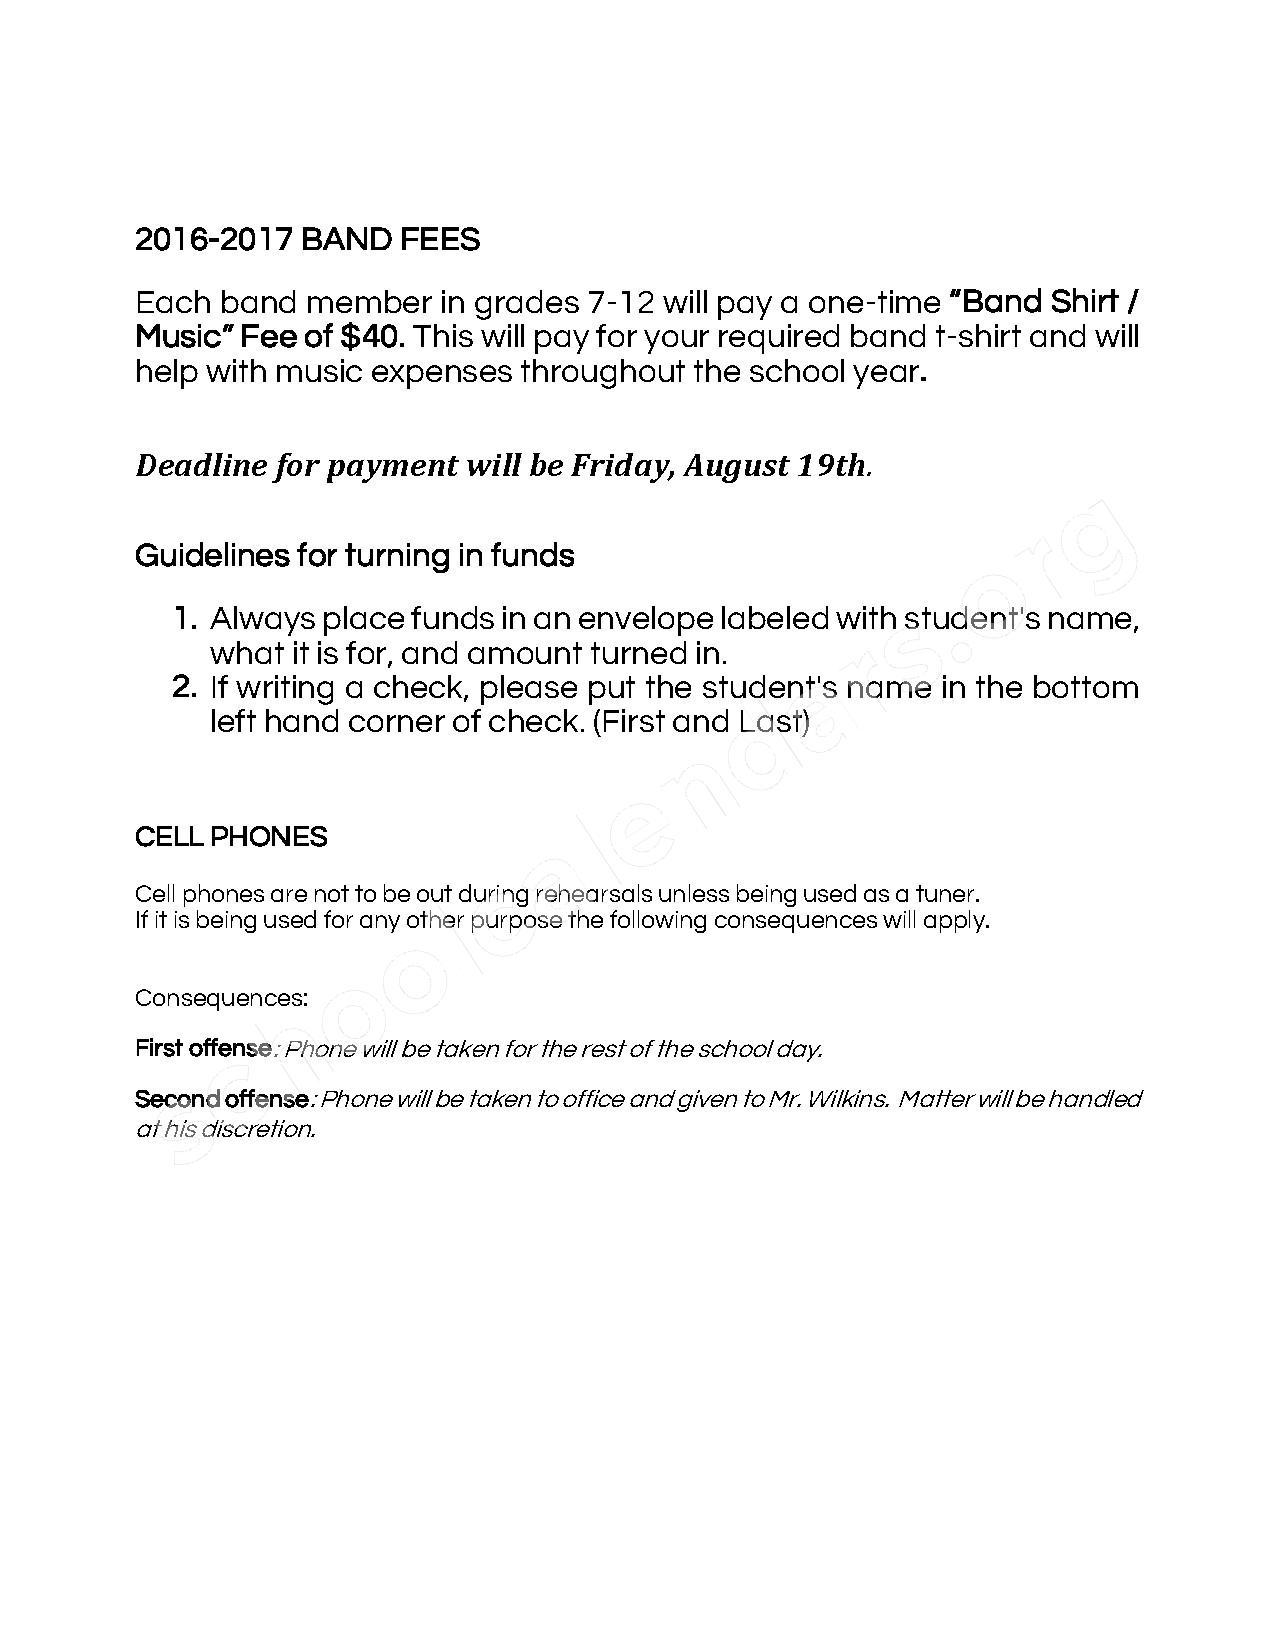 2016 - 2017 District Calendar – Dale Public Schools – page 6